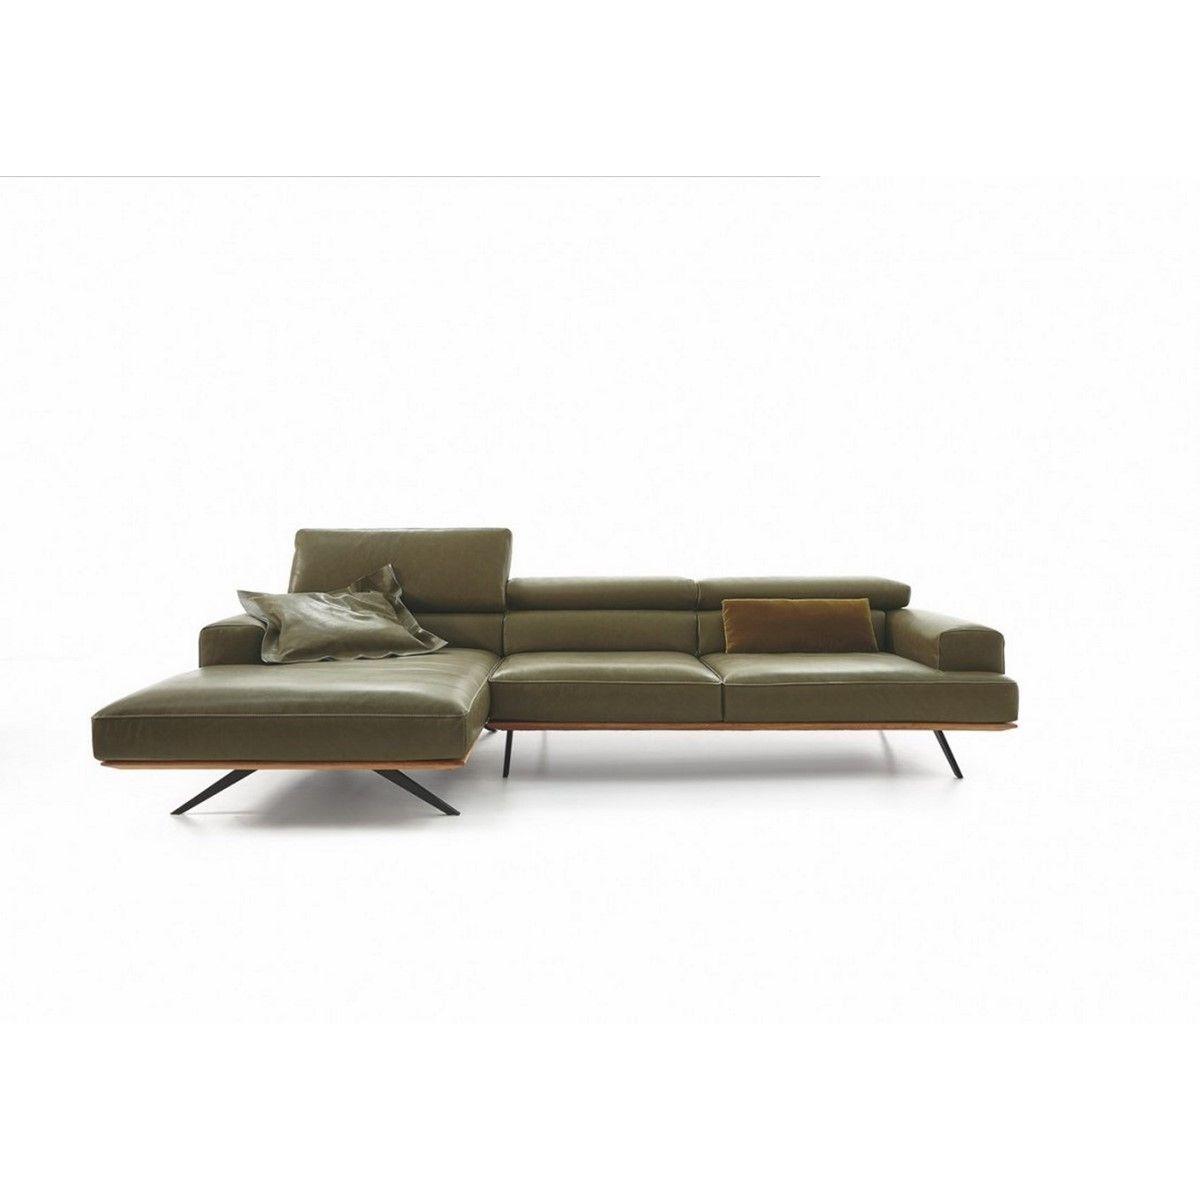 Canapé avec chaise longue large profondeur assise modifiable cuir TEMPERANT PM